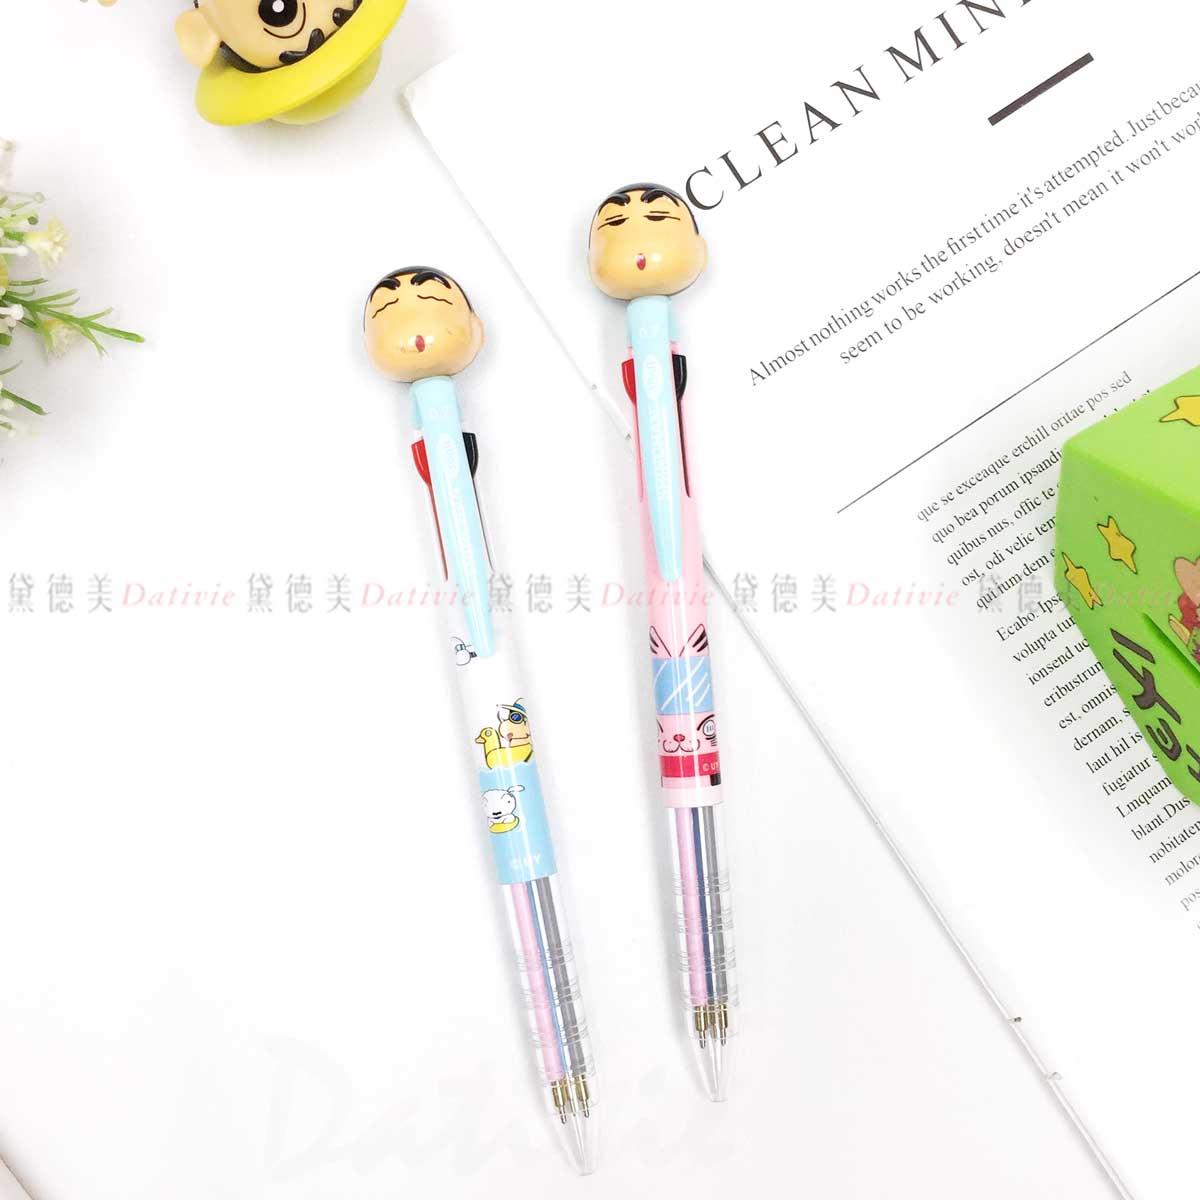 立體自動三色原子筆-蠟筆小新 韓國進口正版授權